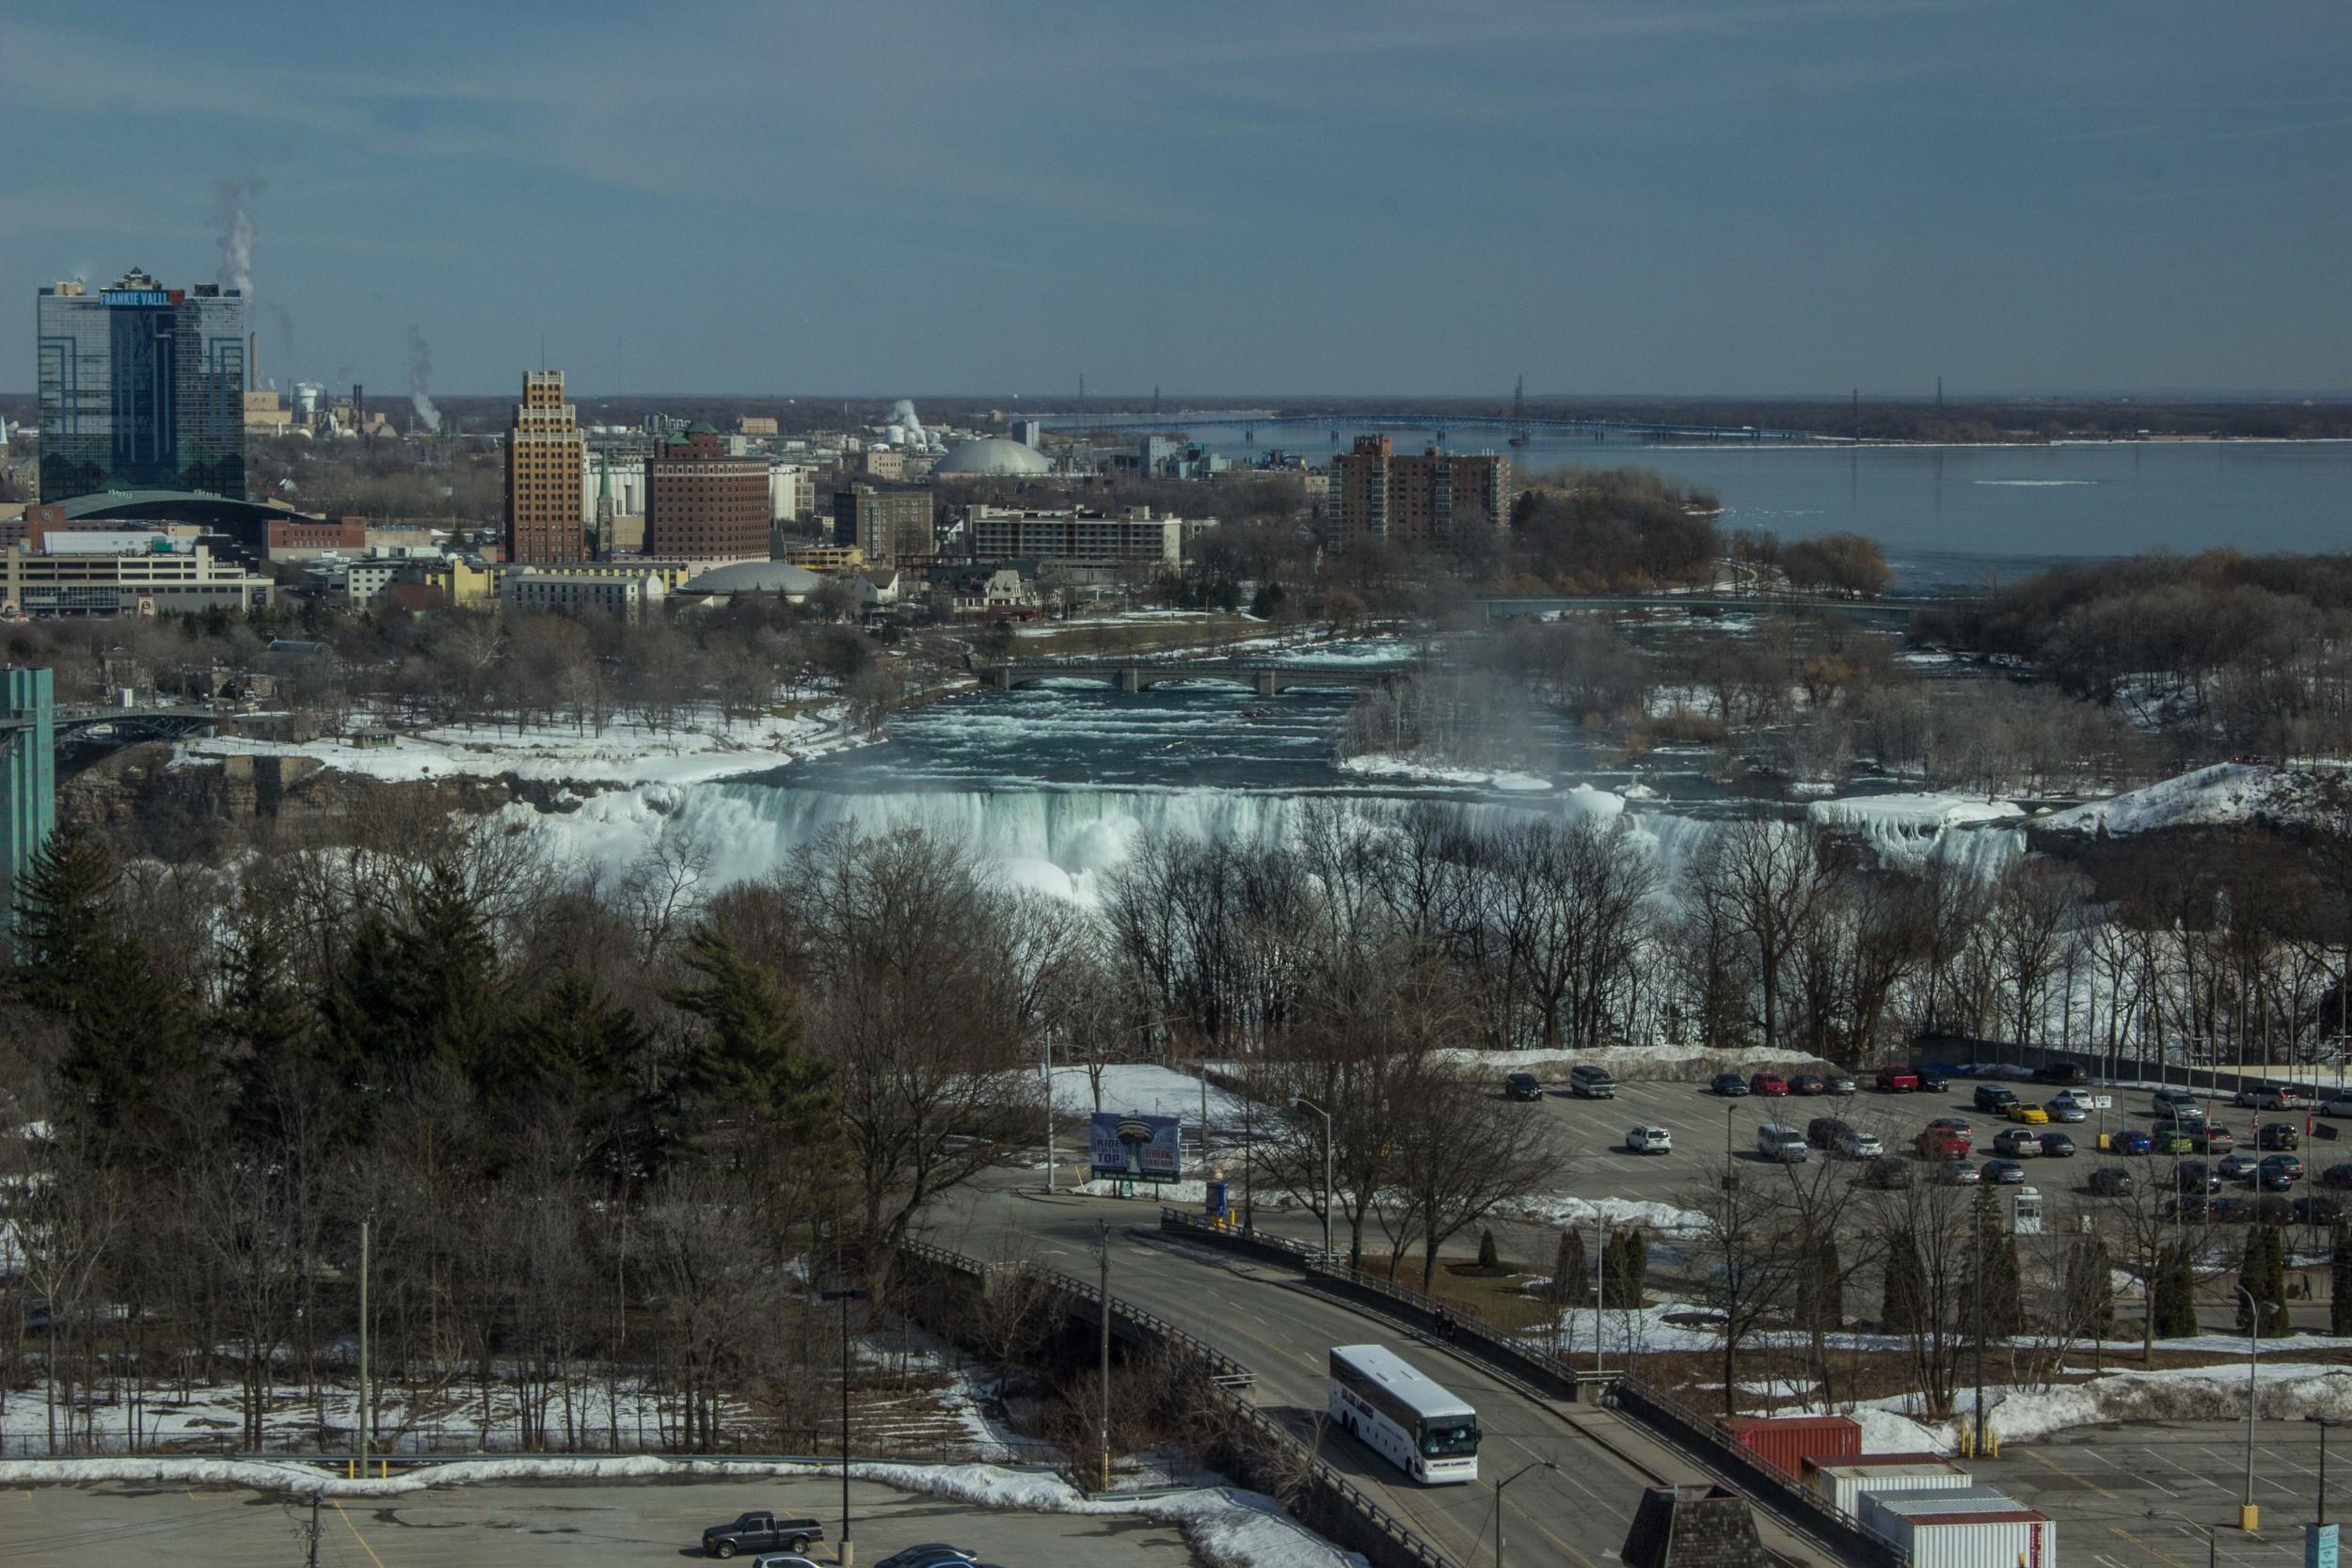 NiagaraFalls_2015_0319_0001.jpg